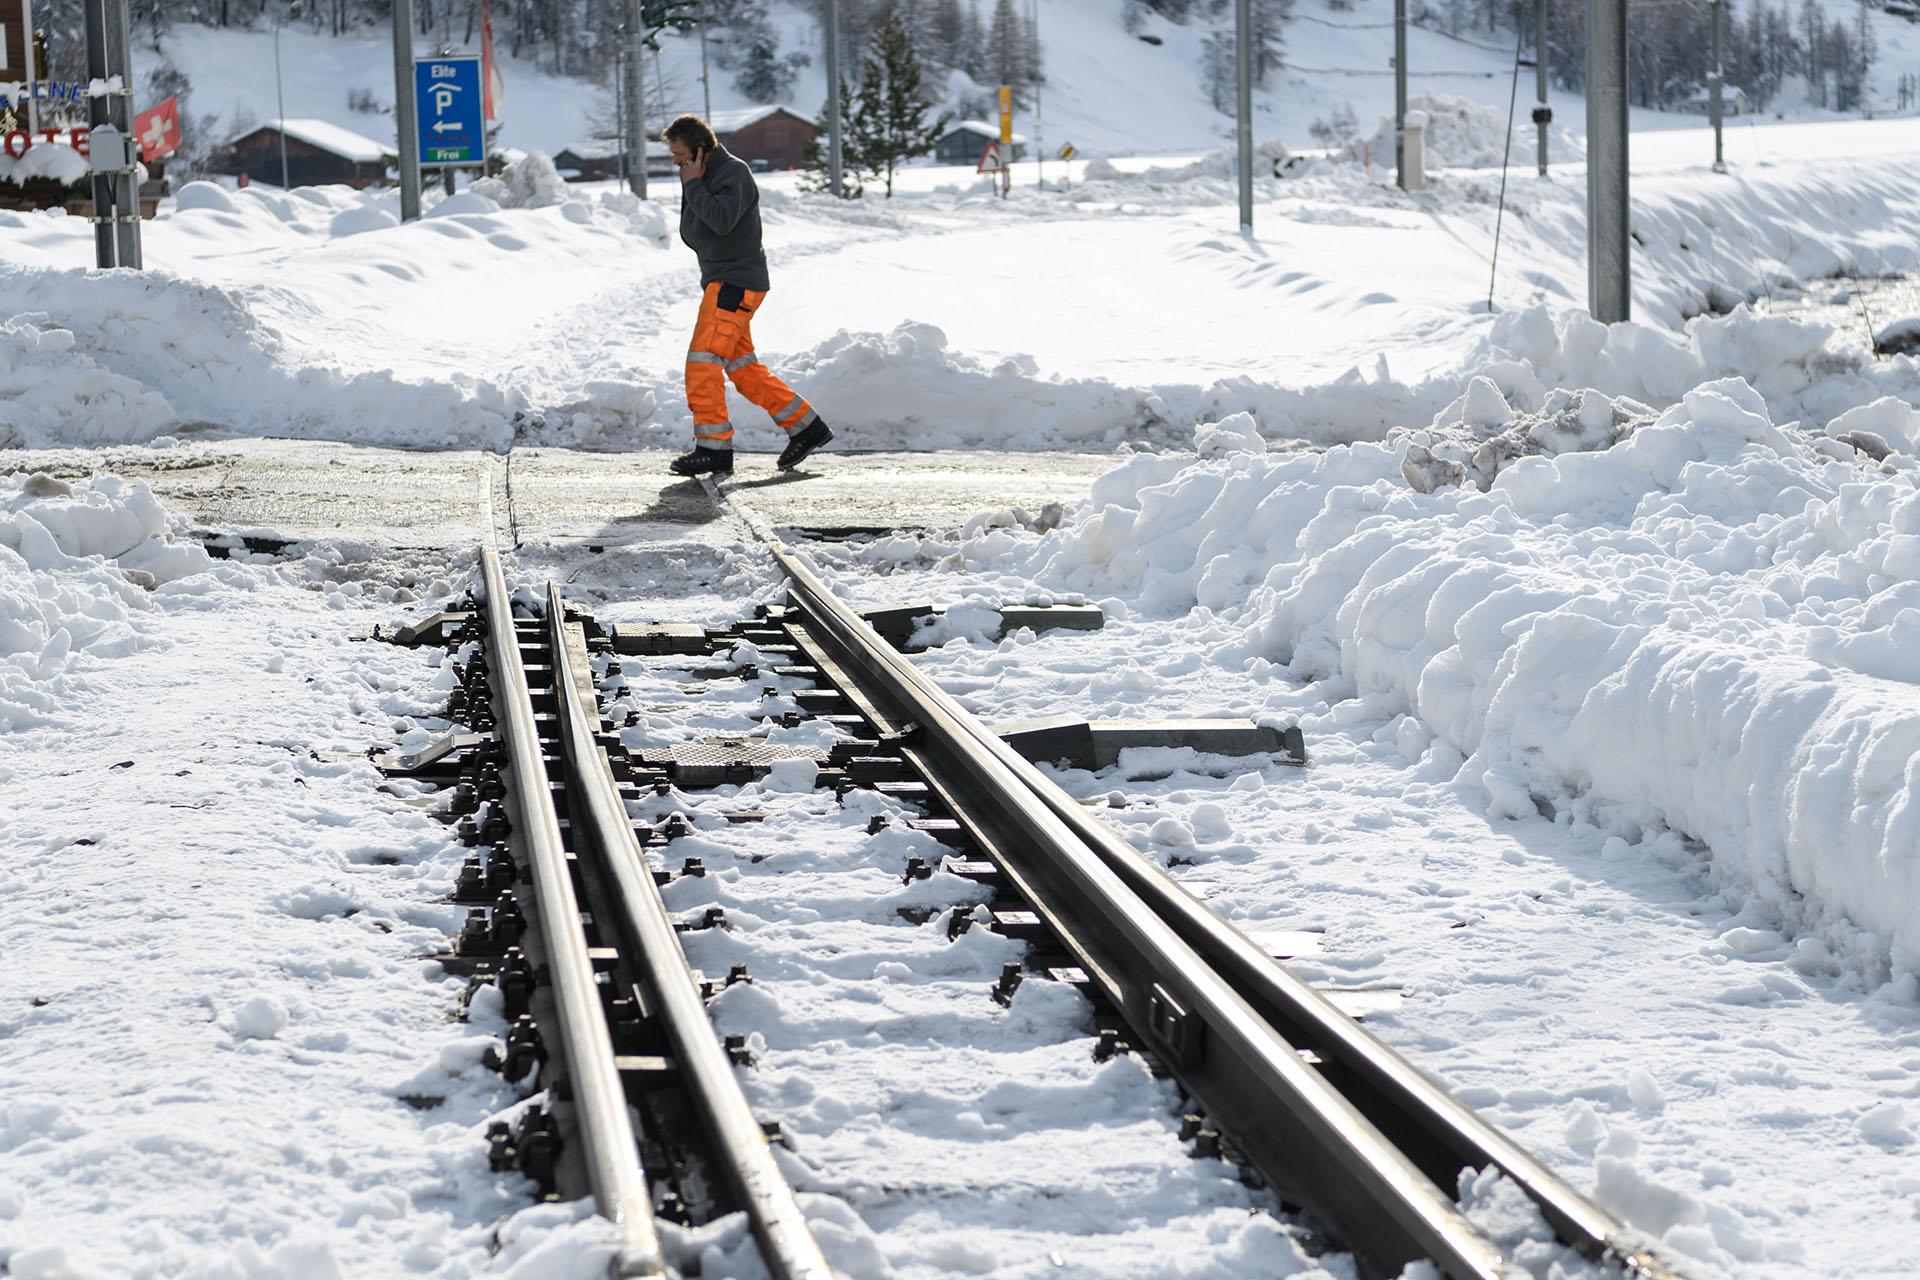 Las vías del tren quedaron bloqueadas por la nieve(AFP)